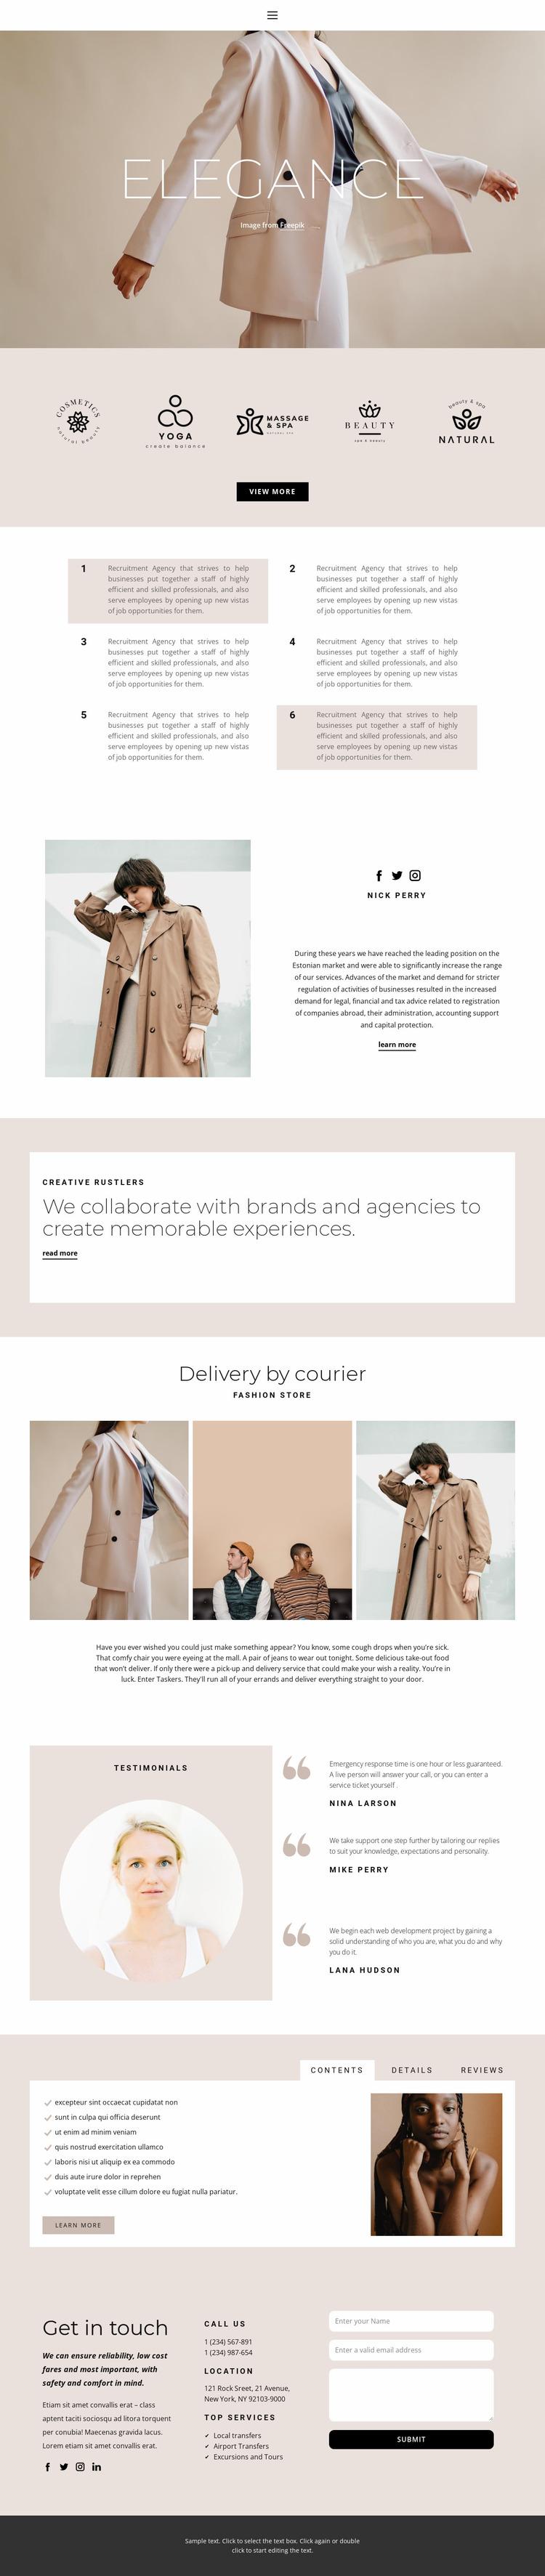 Elegance in fashion Website Mockup